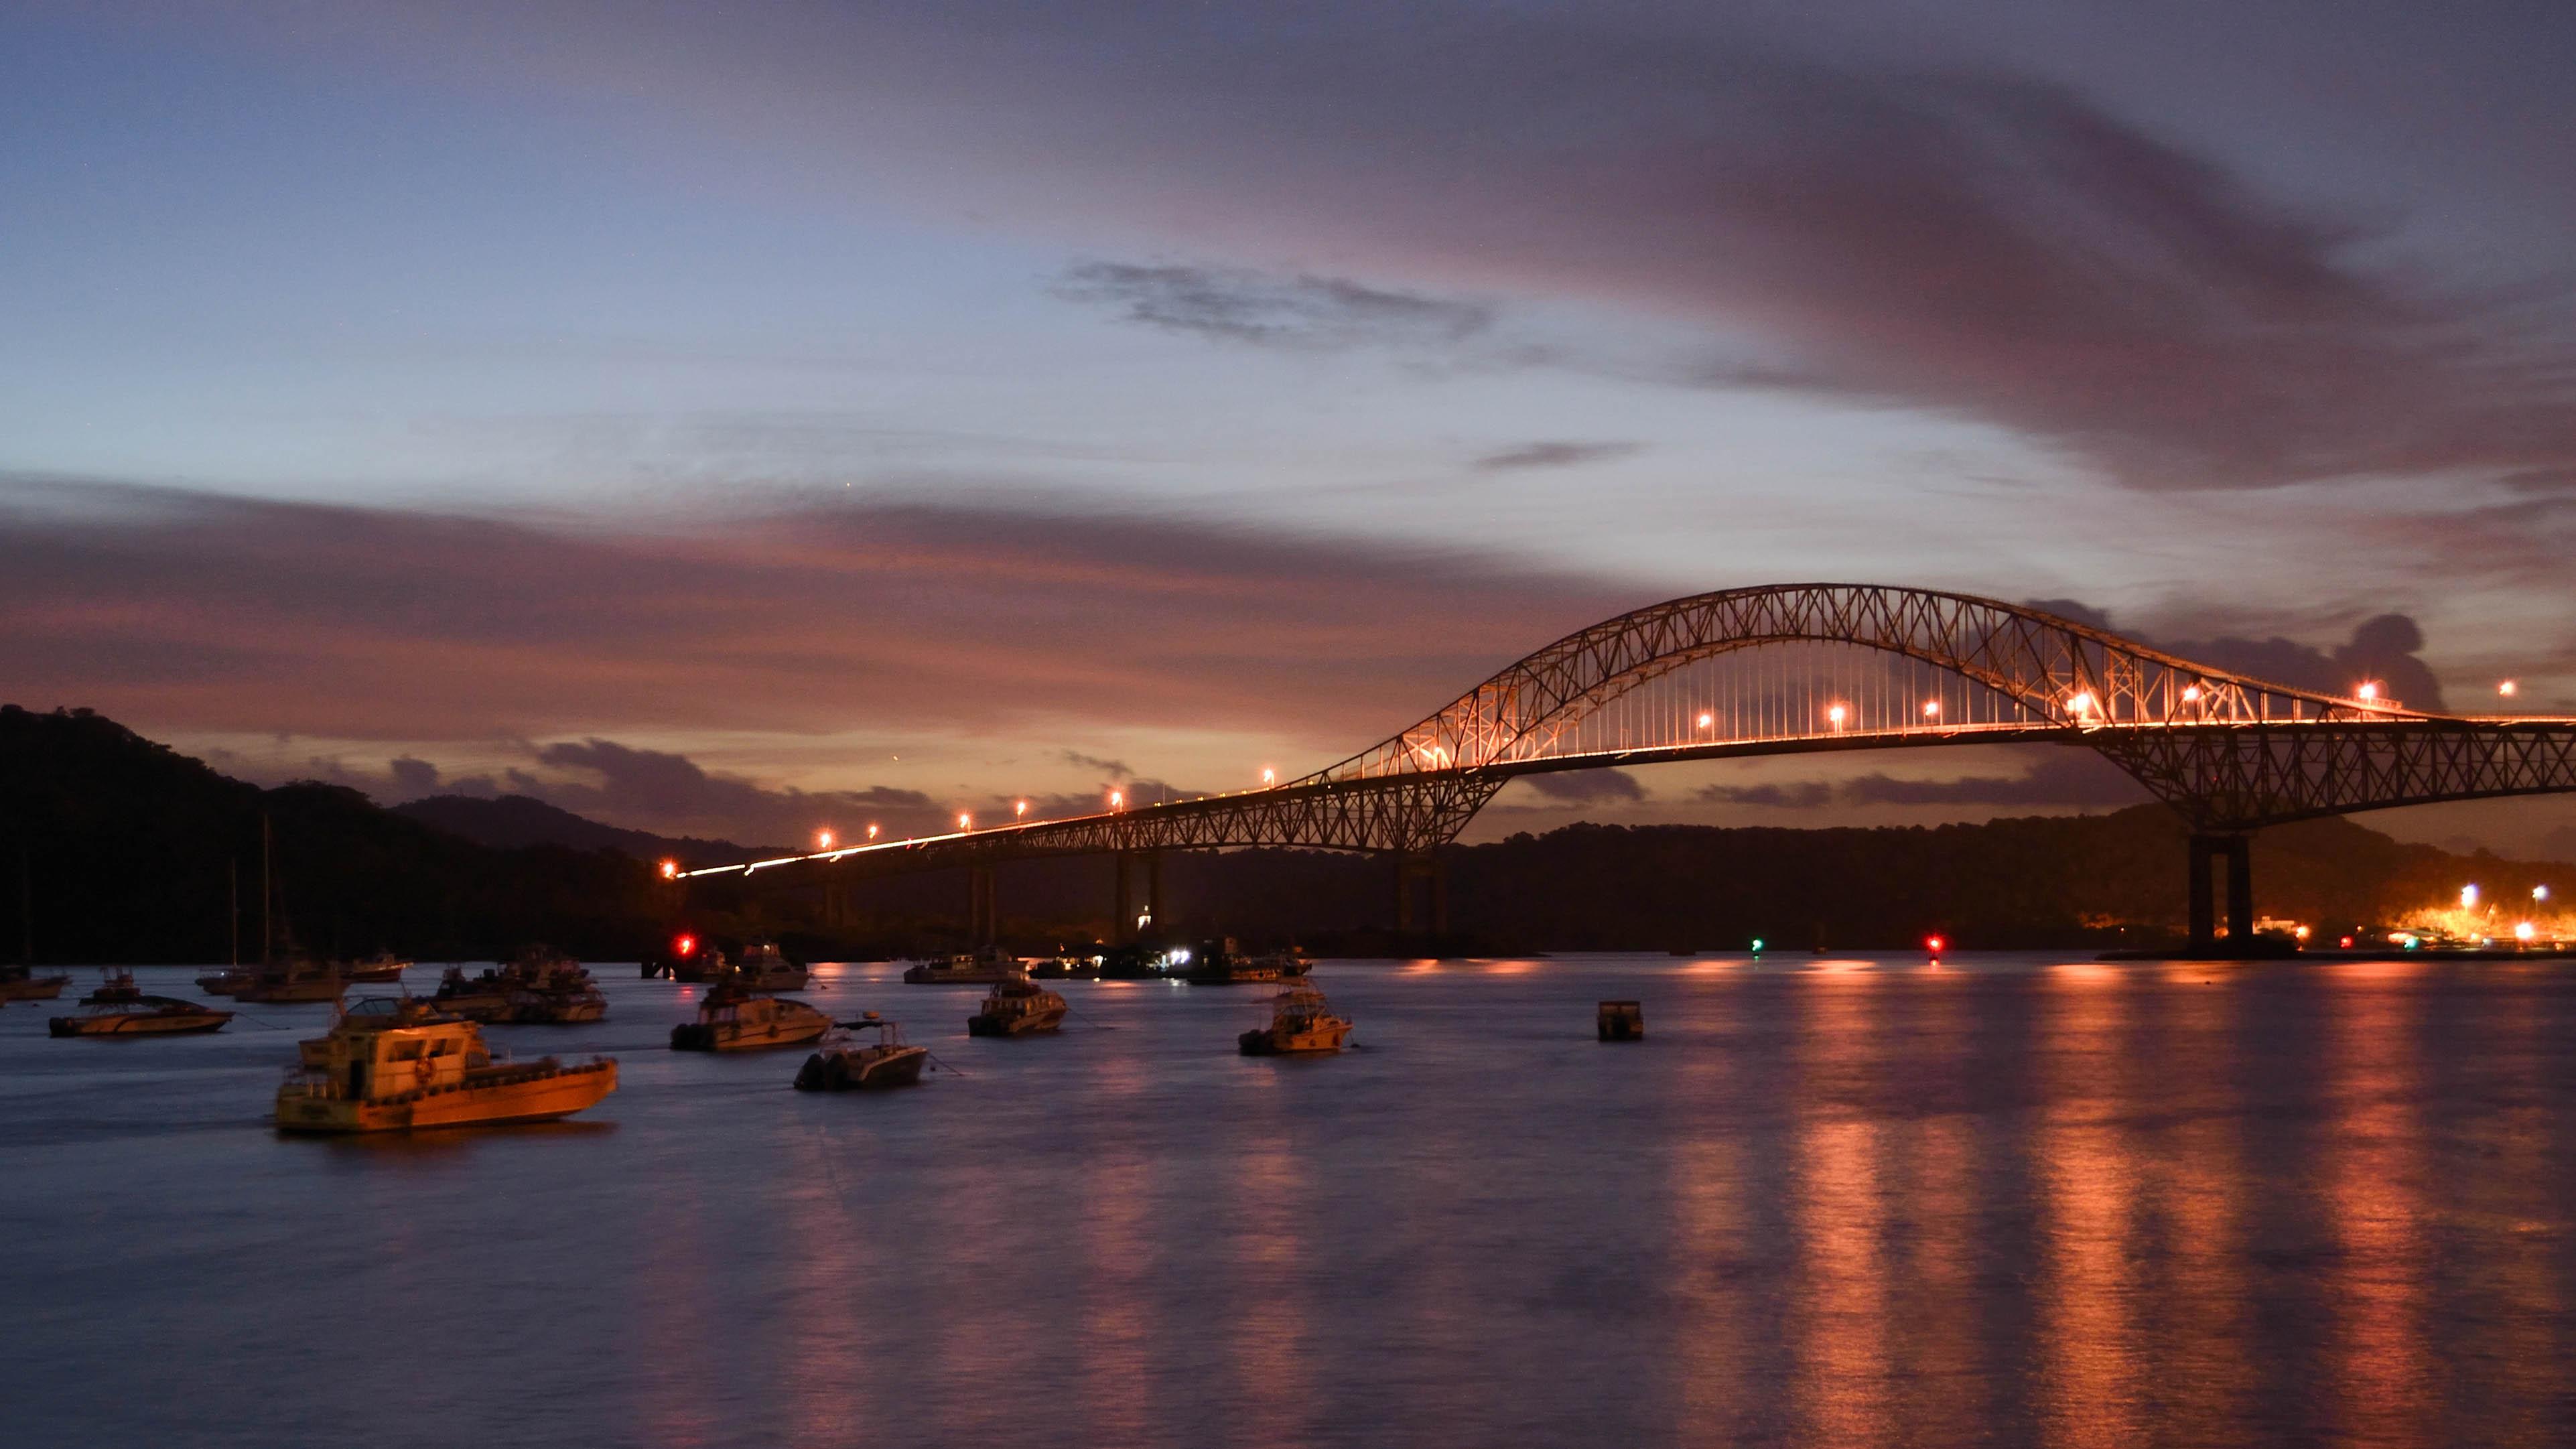 Puente_de_las_Americas_-_Panamá